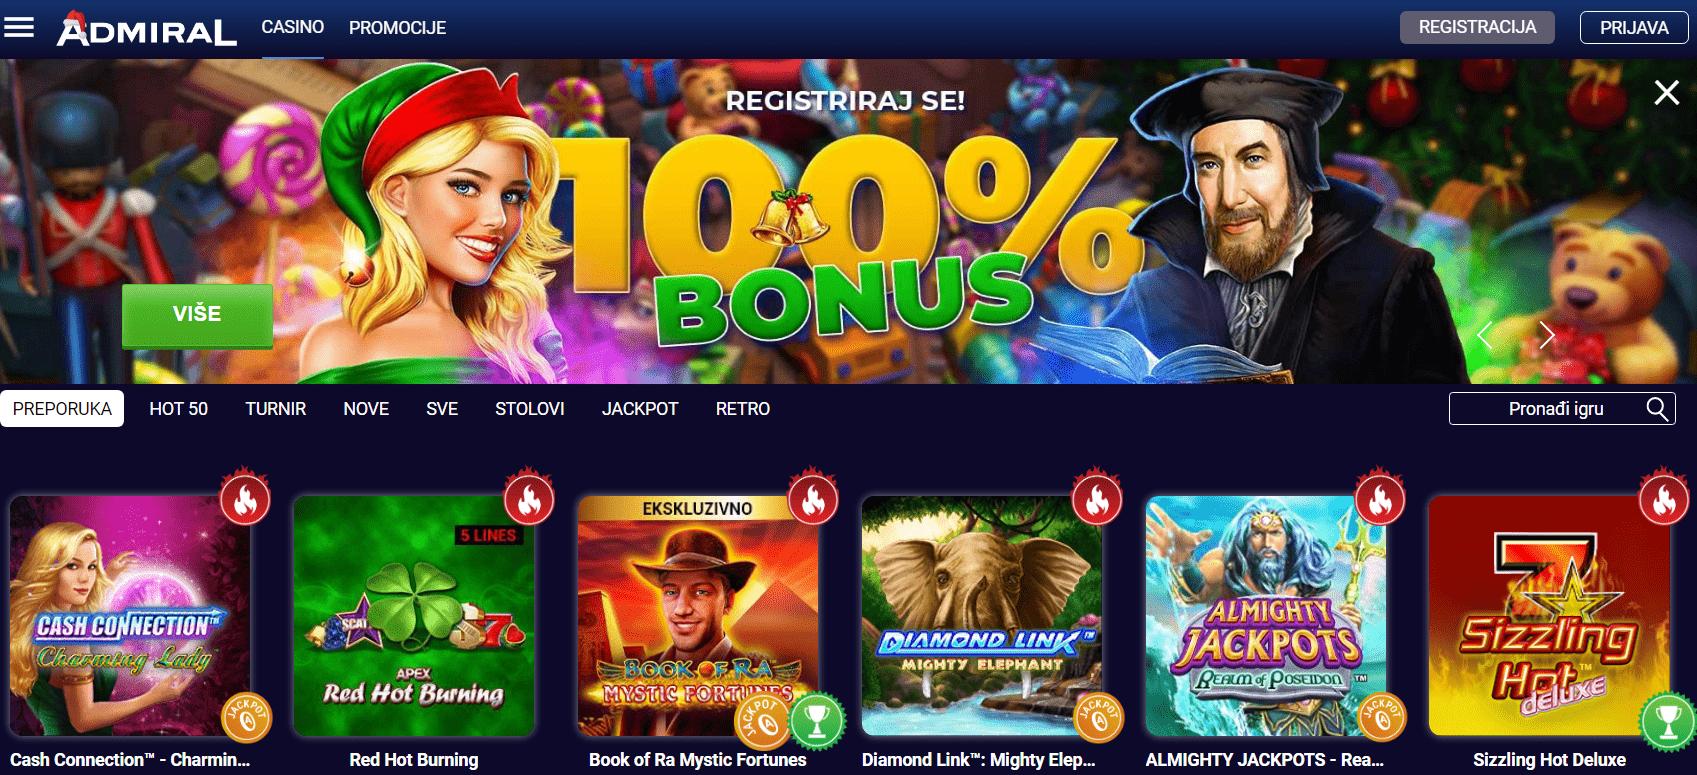 Najbolji Online Casino - Admiral Casino